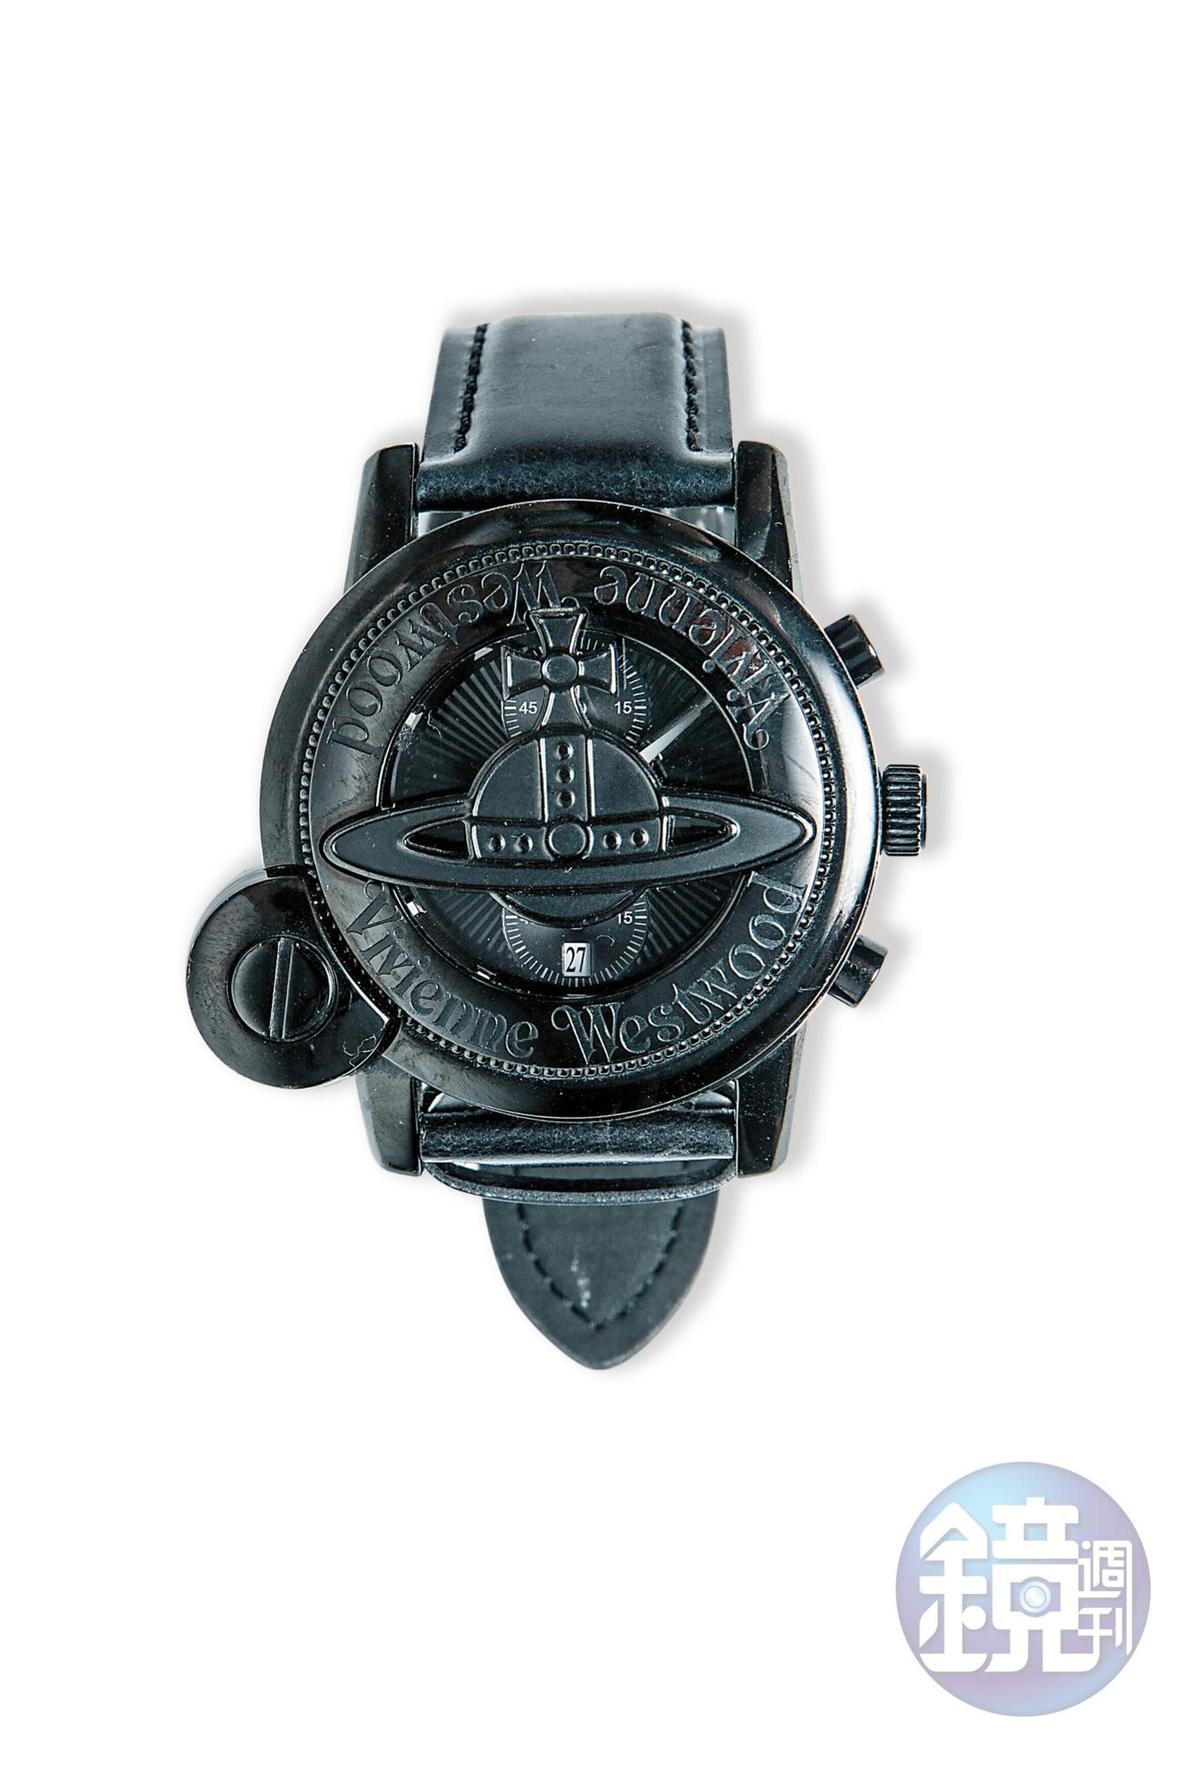 Vivienne Westwood黑色手錶,朋友送的生日禮物。